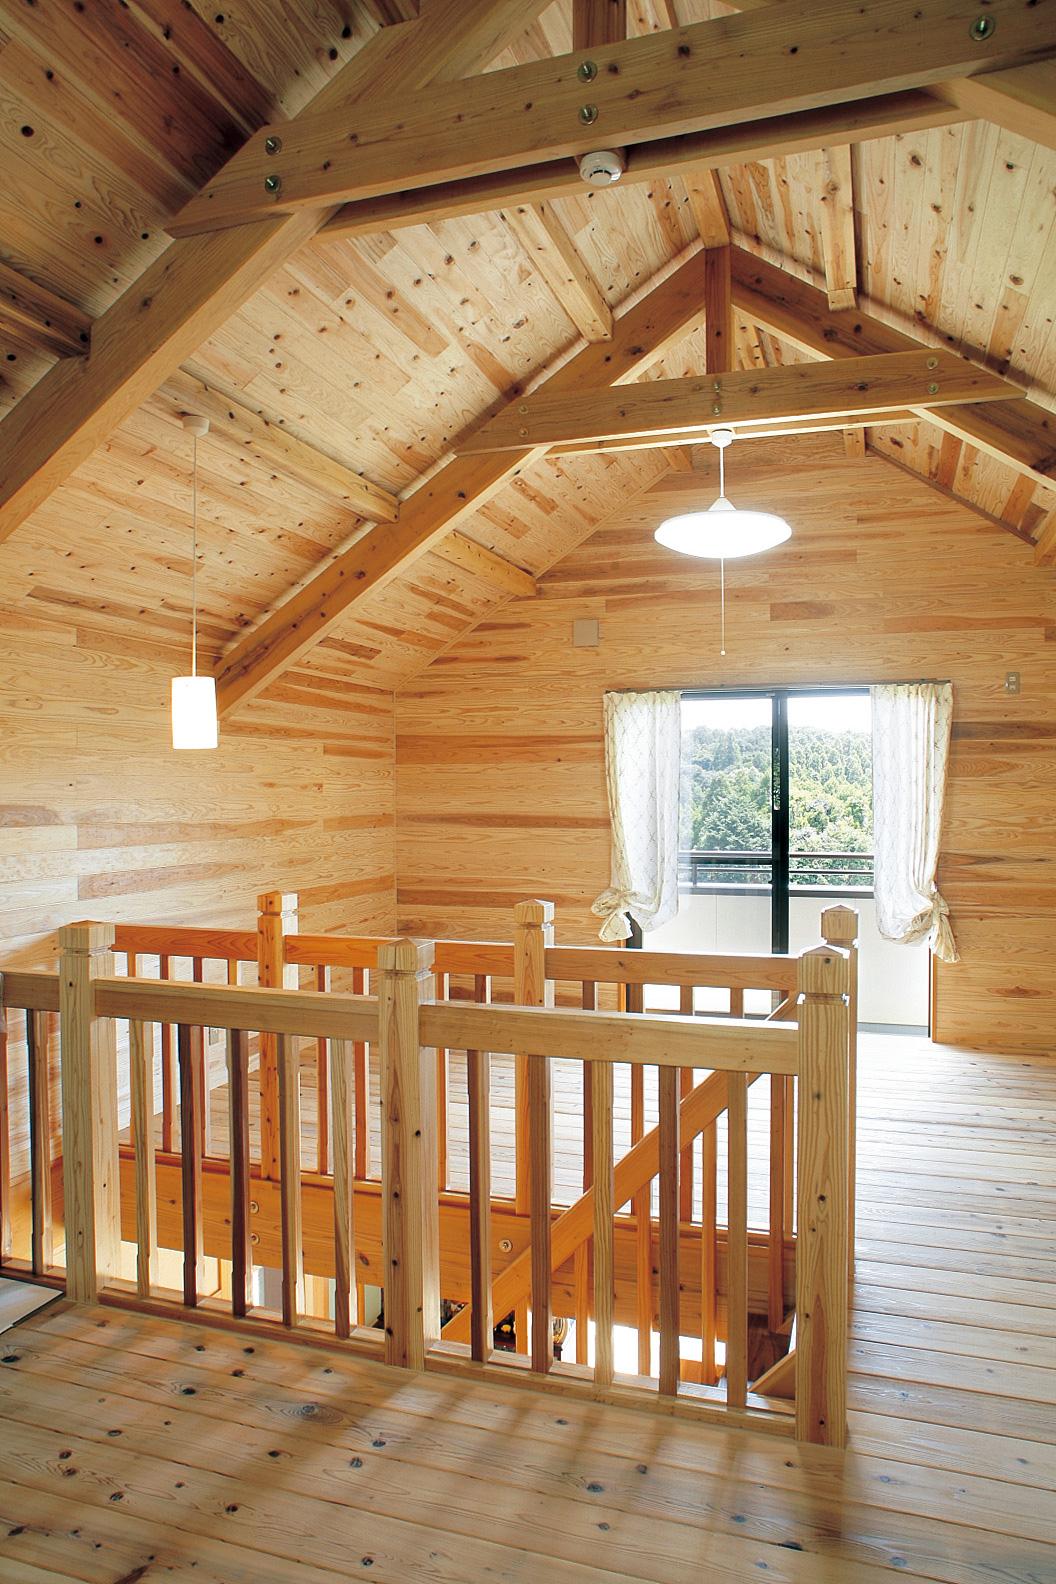 2階は木肌を見せ勾配天井。お子さんが里帰りした時などに活躍するスペース。眺めも抜群